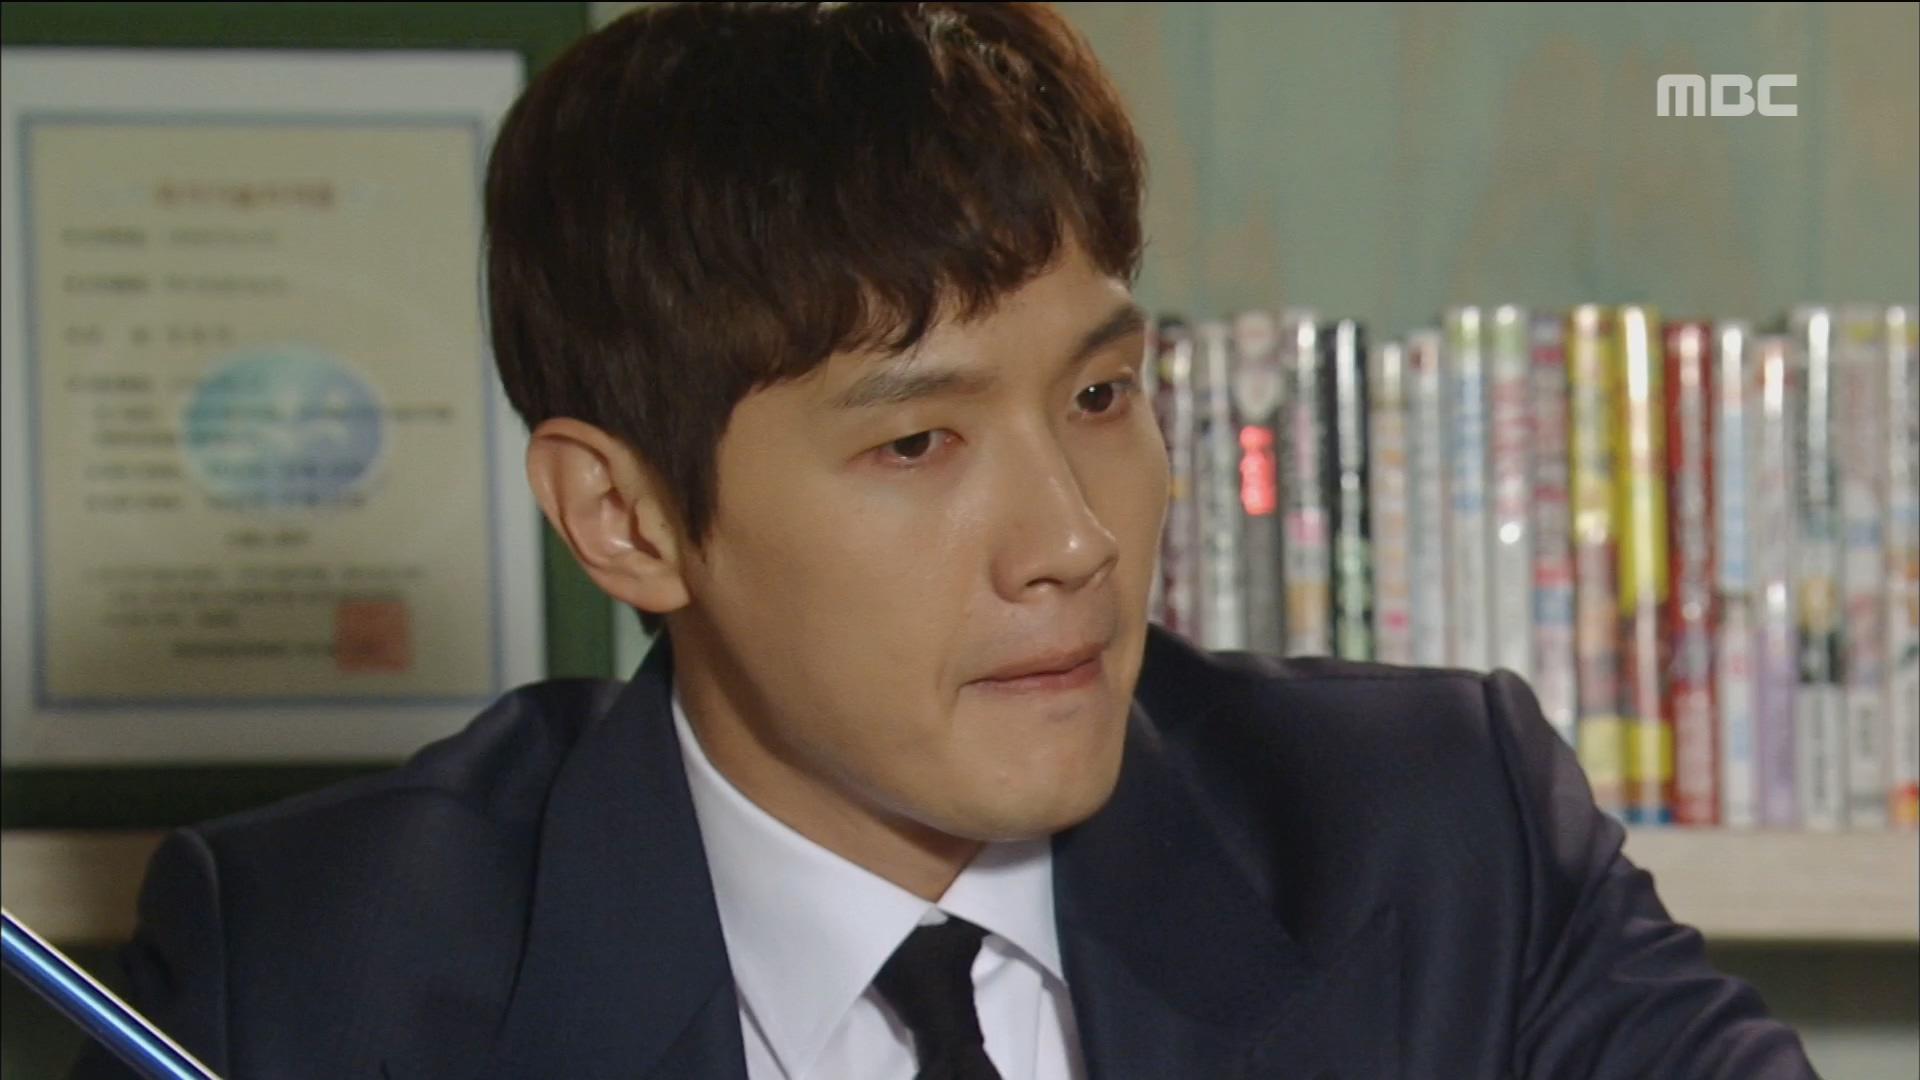 김지훈, 지현우 꼬리잡기 간발의 차로 실패!